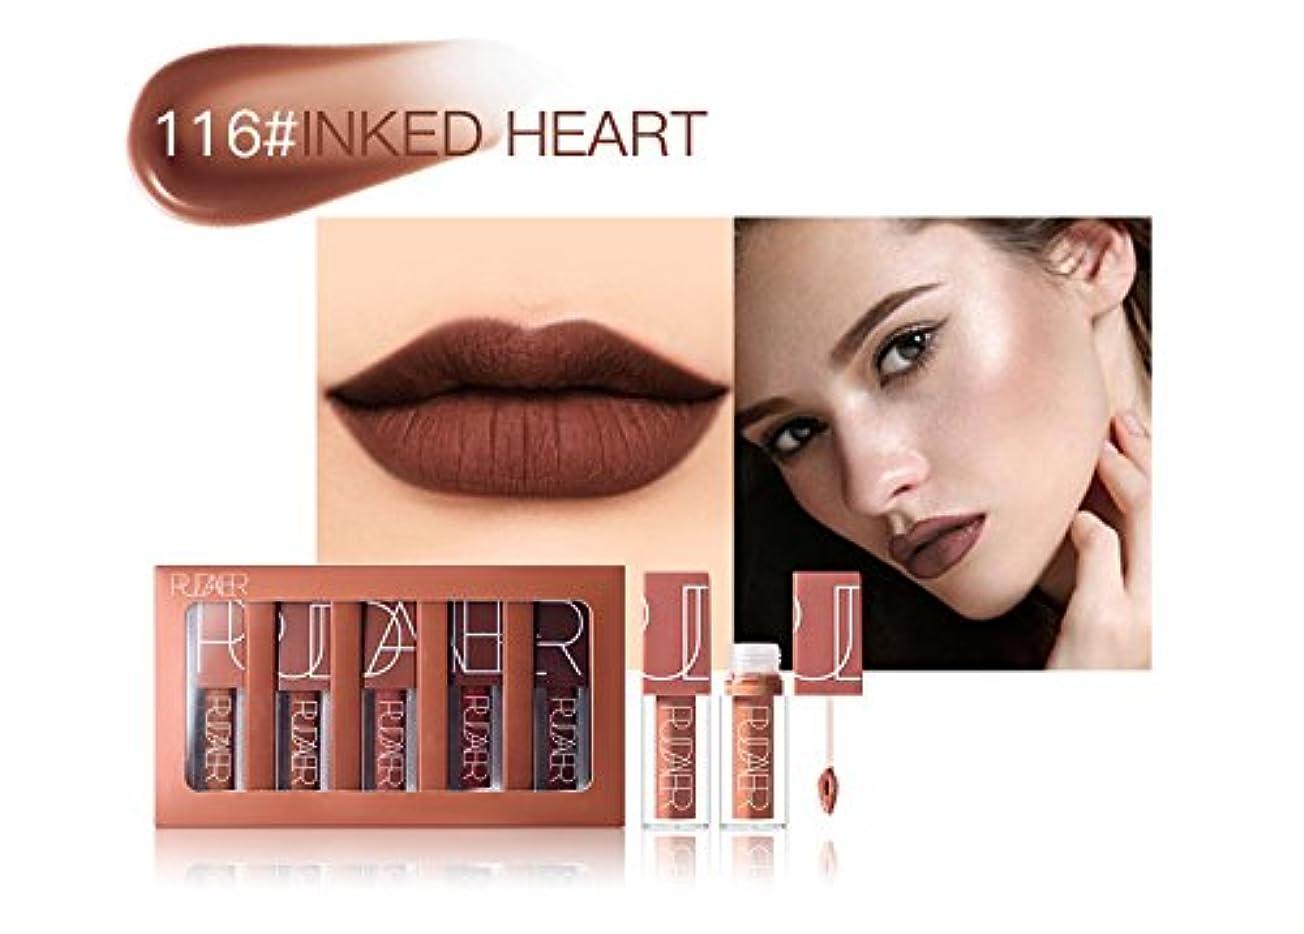 無意識間違いなく乳剤No #116 Hot Brand Long Lasting Velvet Lips Tint Liquid Lipstick Matte Beauty Cosmetics Sexy Nude Pigment Matte Lip Gloss Tattoo Makeup